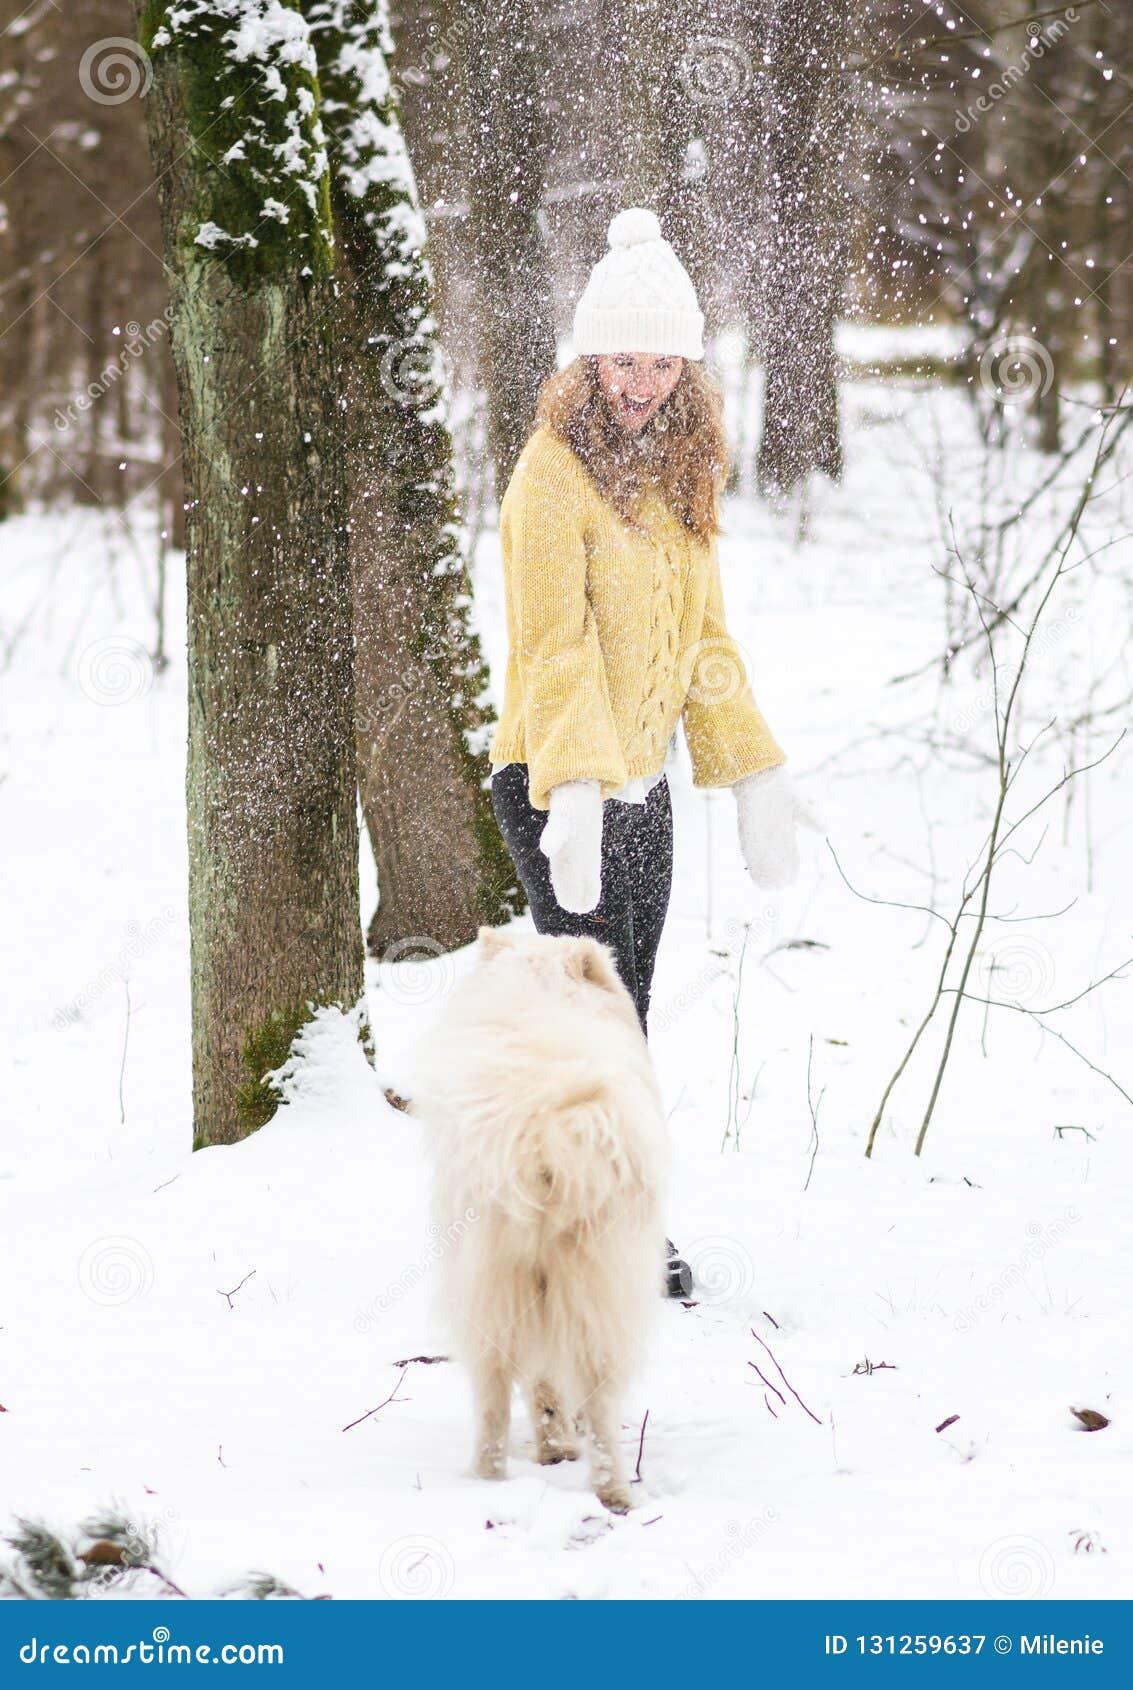 Vrij Jonge Vrouw in de Sneeuwwinter Forest Park Walking Playing met haar Hond Witte Samoyed